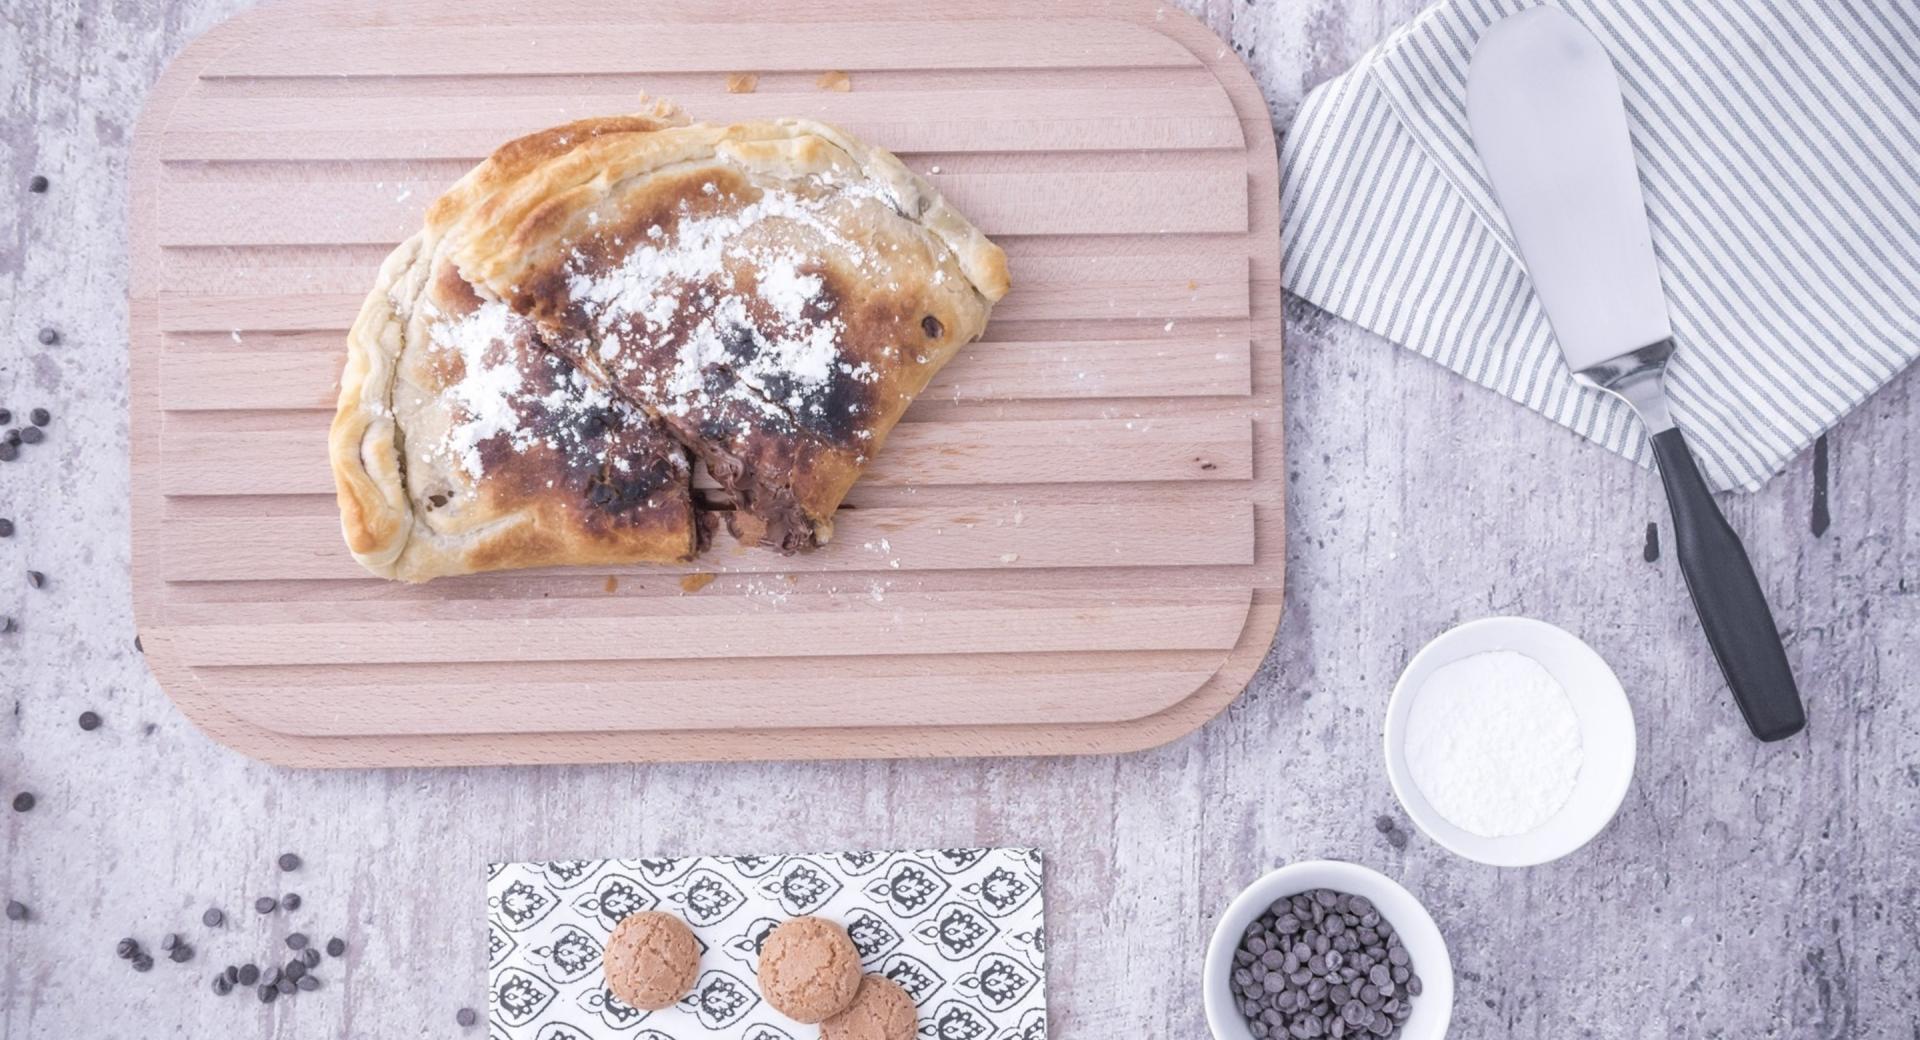 Calzone de Nutella, pera y galleta